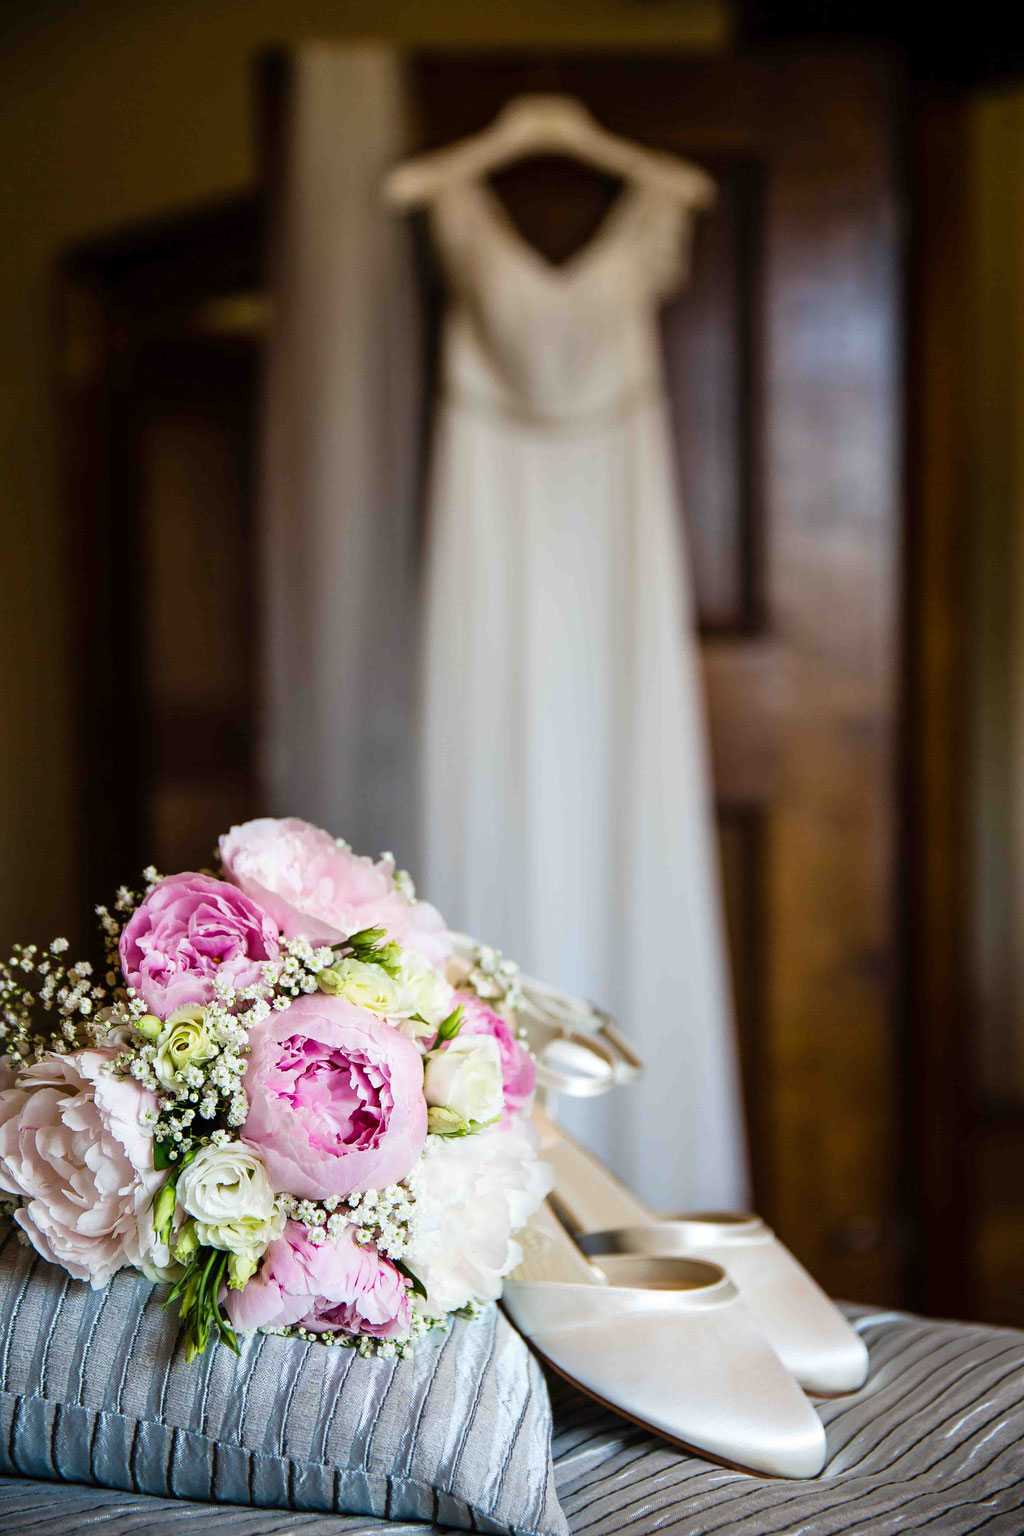 Brautkleid perfekt inszeniert Hochzeitsfoto, Hochzeitsbild vom Brautkleid, Kleid der Braut fotografieren